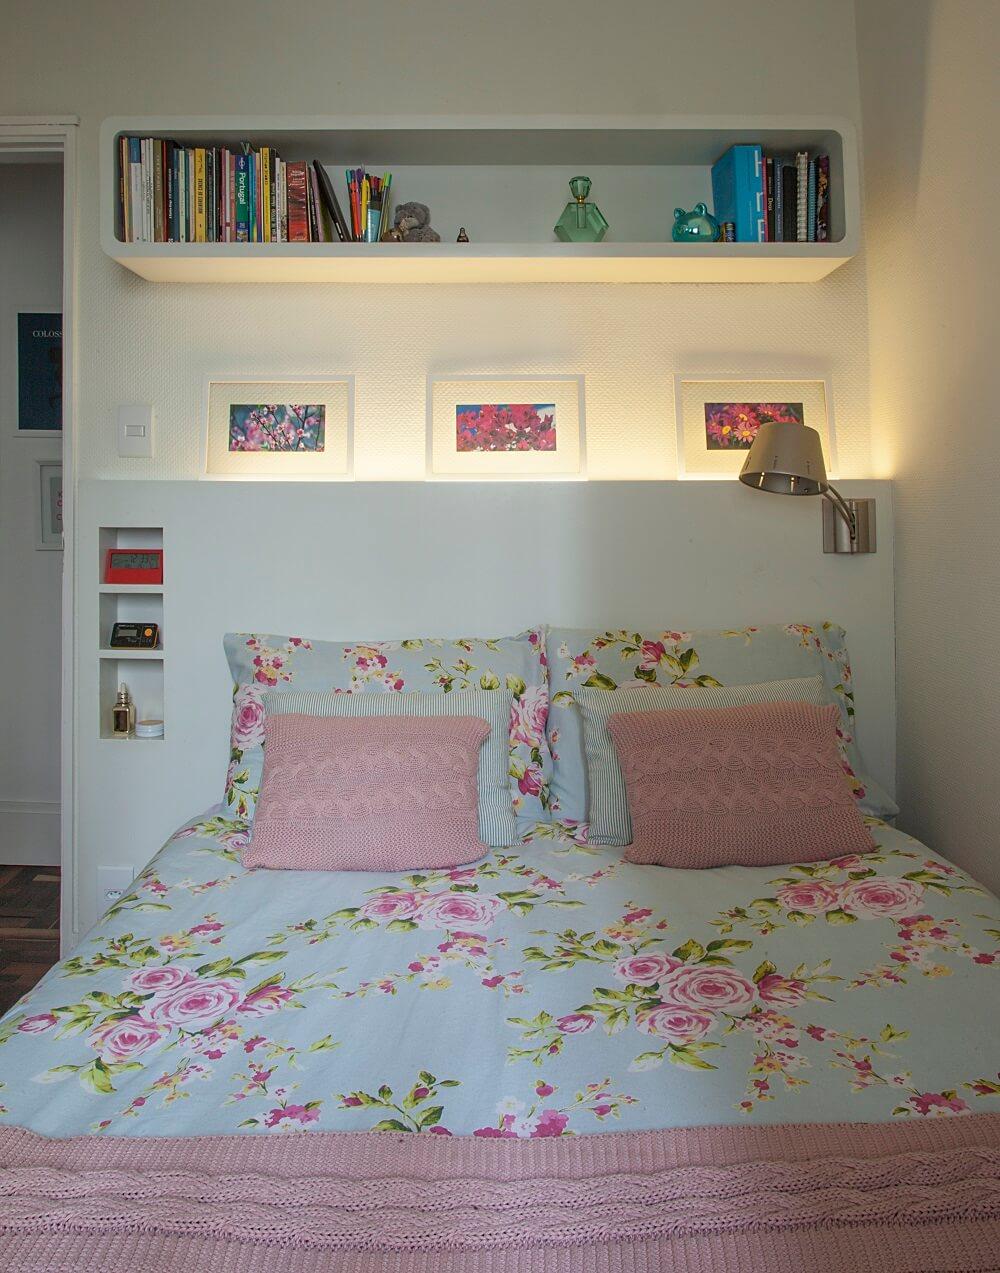 No quarto foi instalada uma cabeceira sob medida com nichos que servem de apoio lateral para a cama. Foto: Luis Gomes